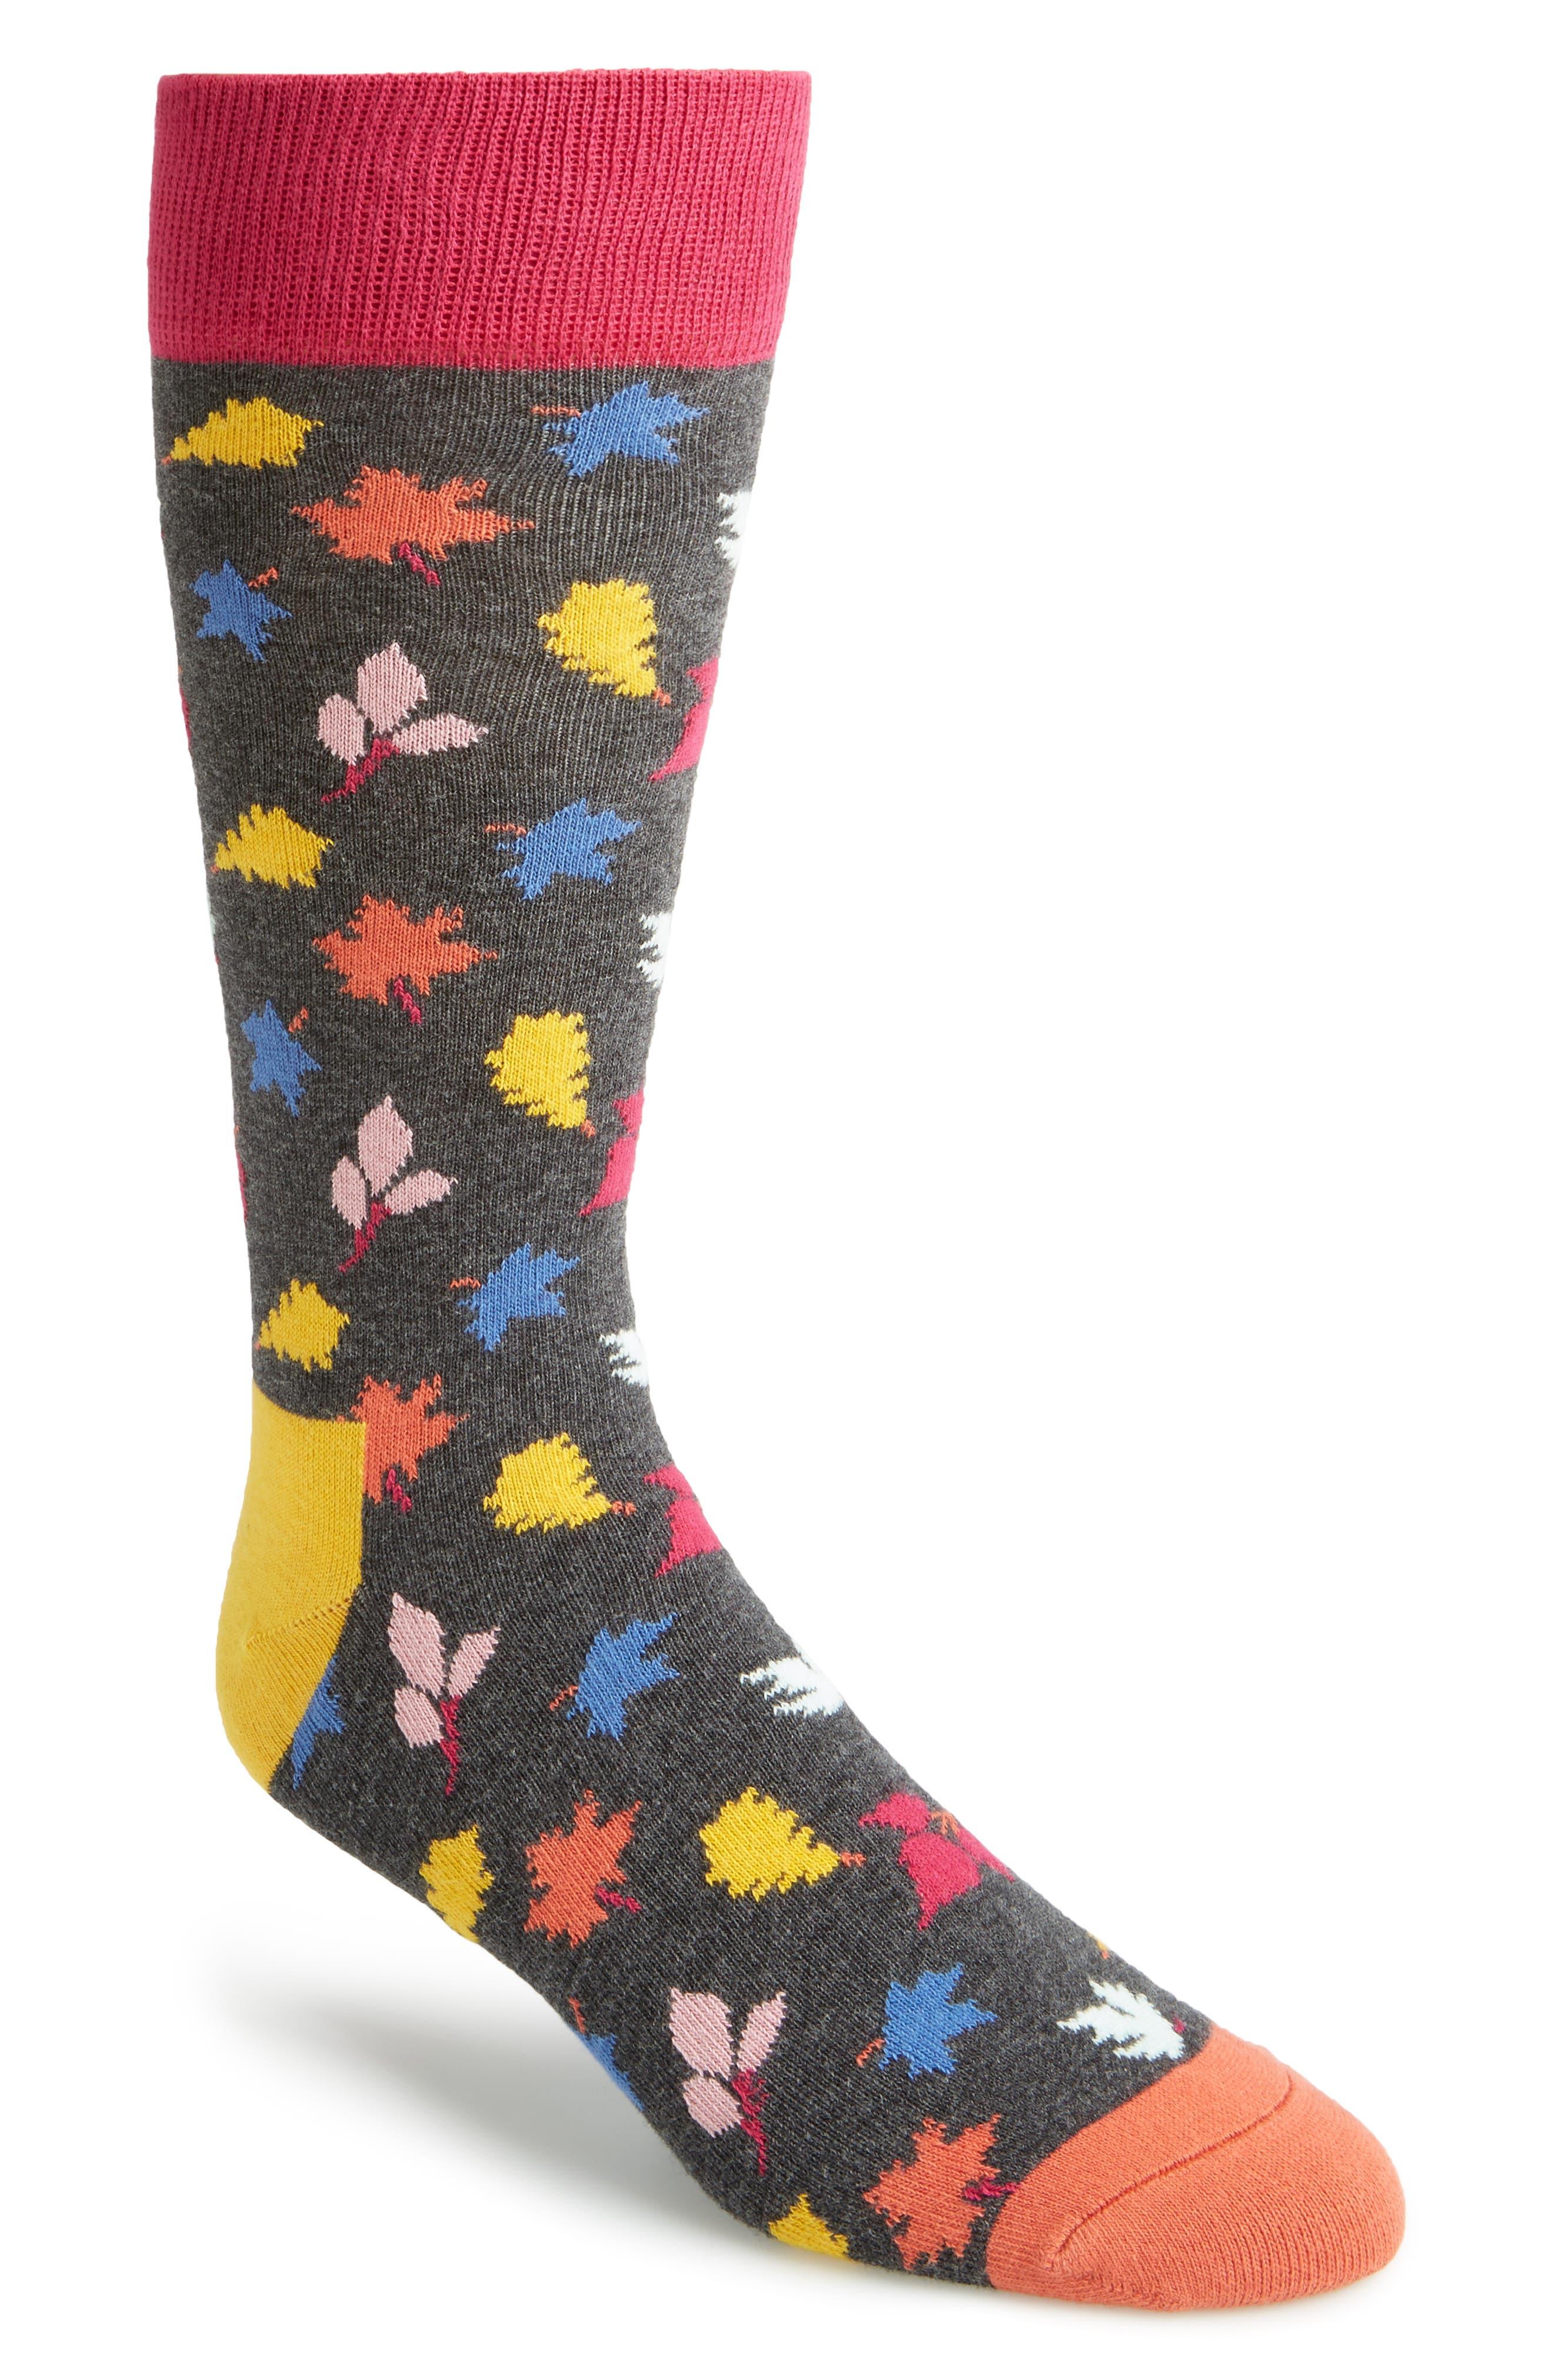 Happy Socks Leaf Socks